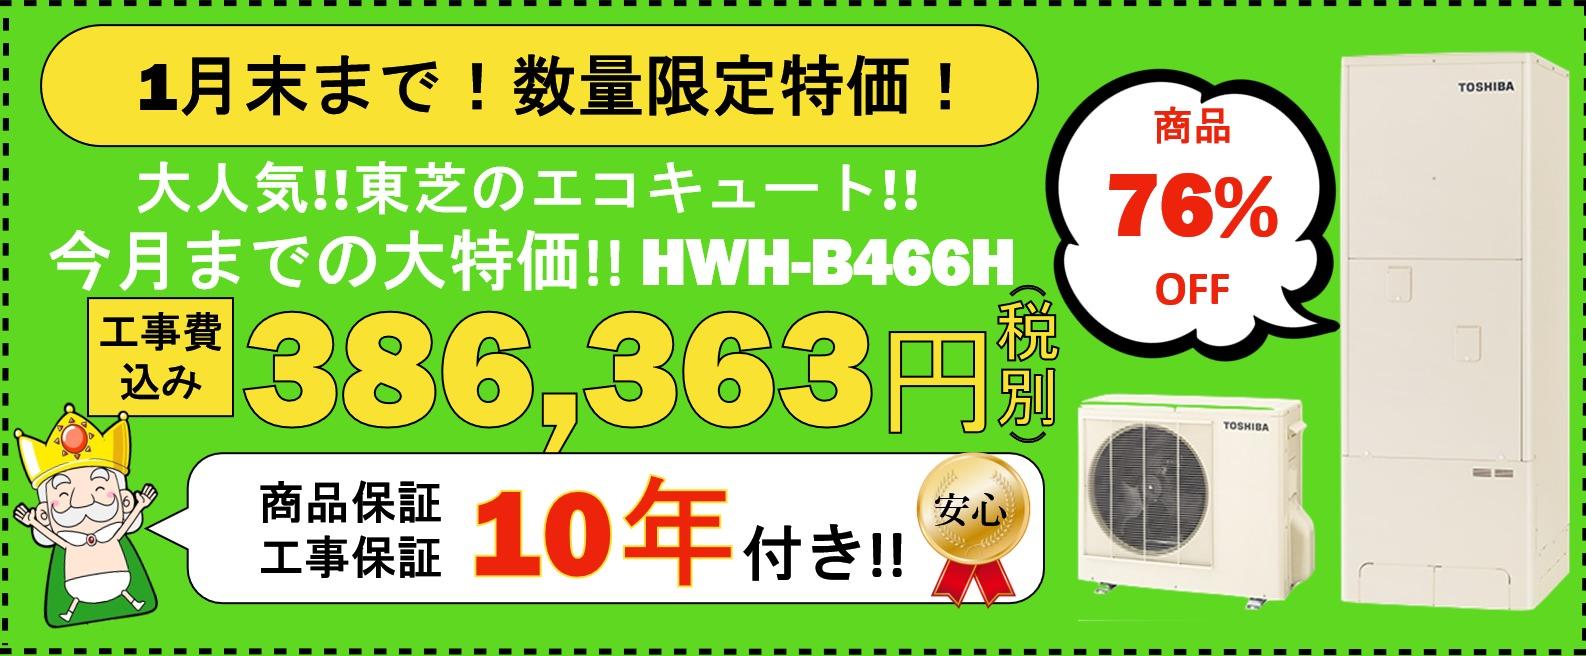 HWH -B466H